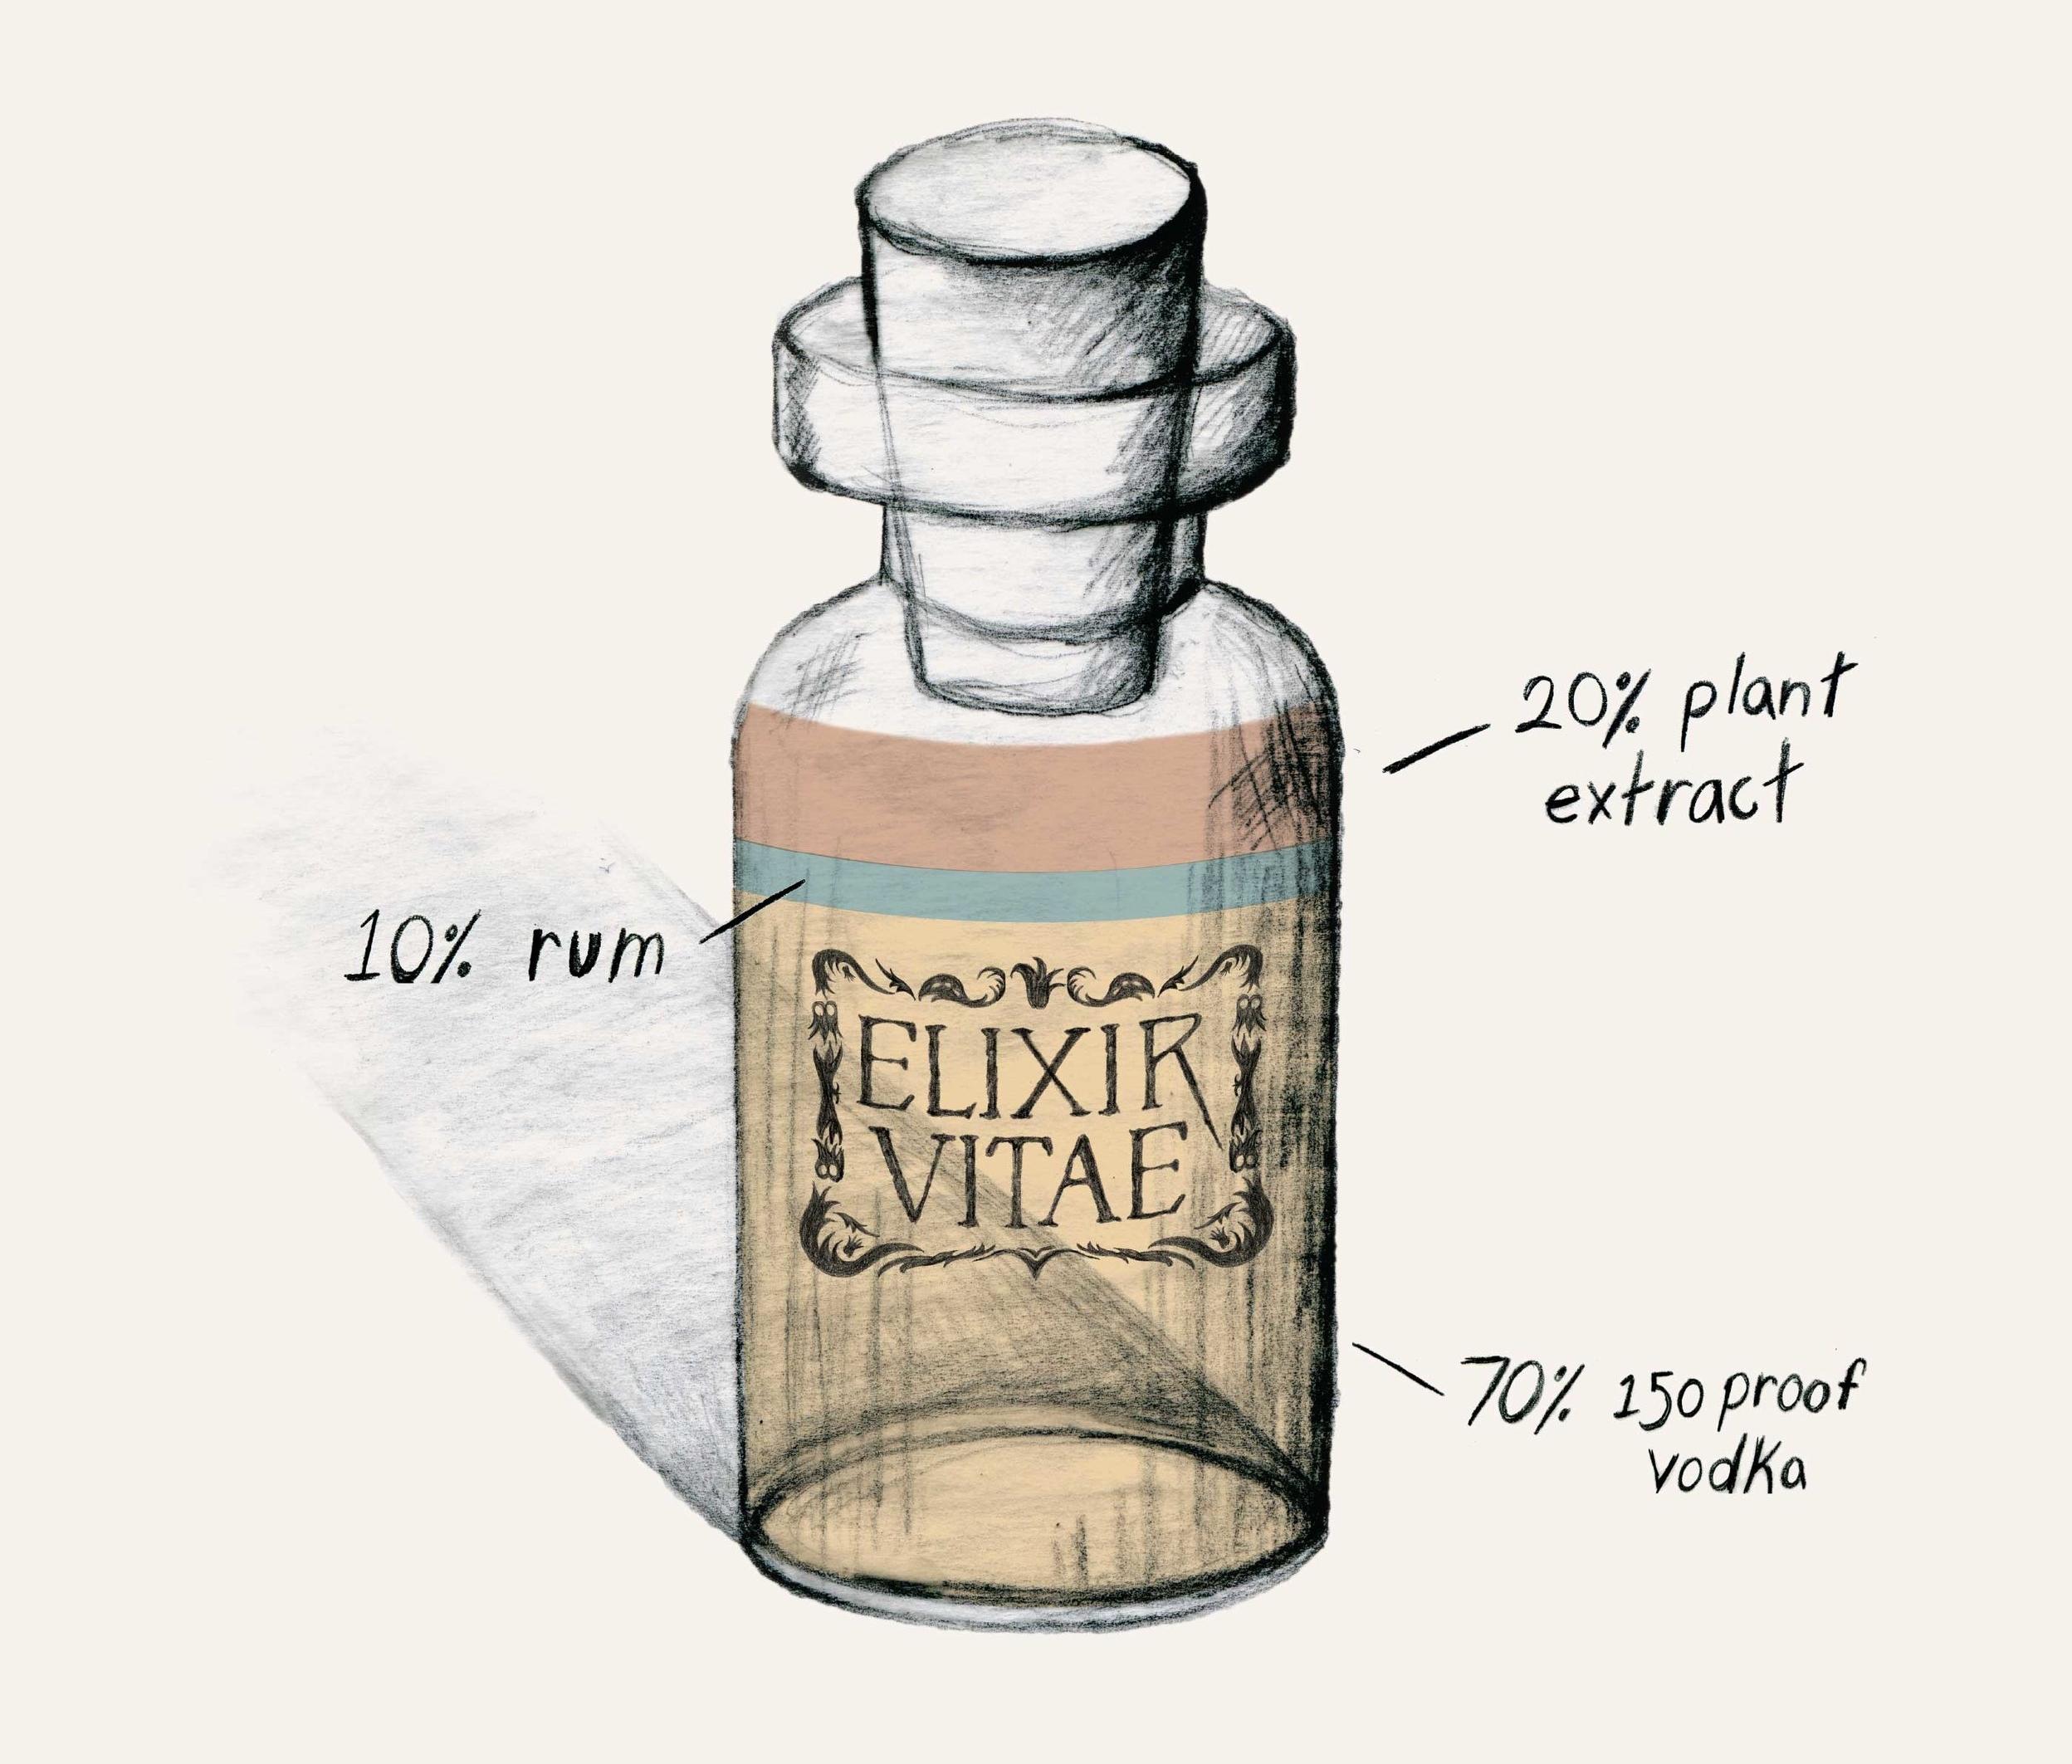 Elixir Vitae Branding & Concept | EyeSavvy Design | Kiki Bakowski | Brand Identity, Concept, Elixir of Life, Alchemy #Brandidentity #Concept #Packagedesign #Winebottles #ElixirOfLife #Branding #GraphicDesigner